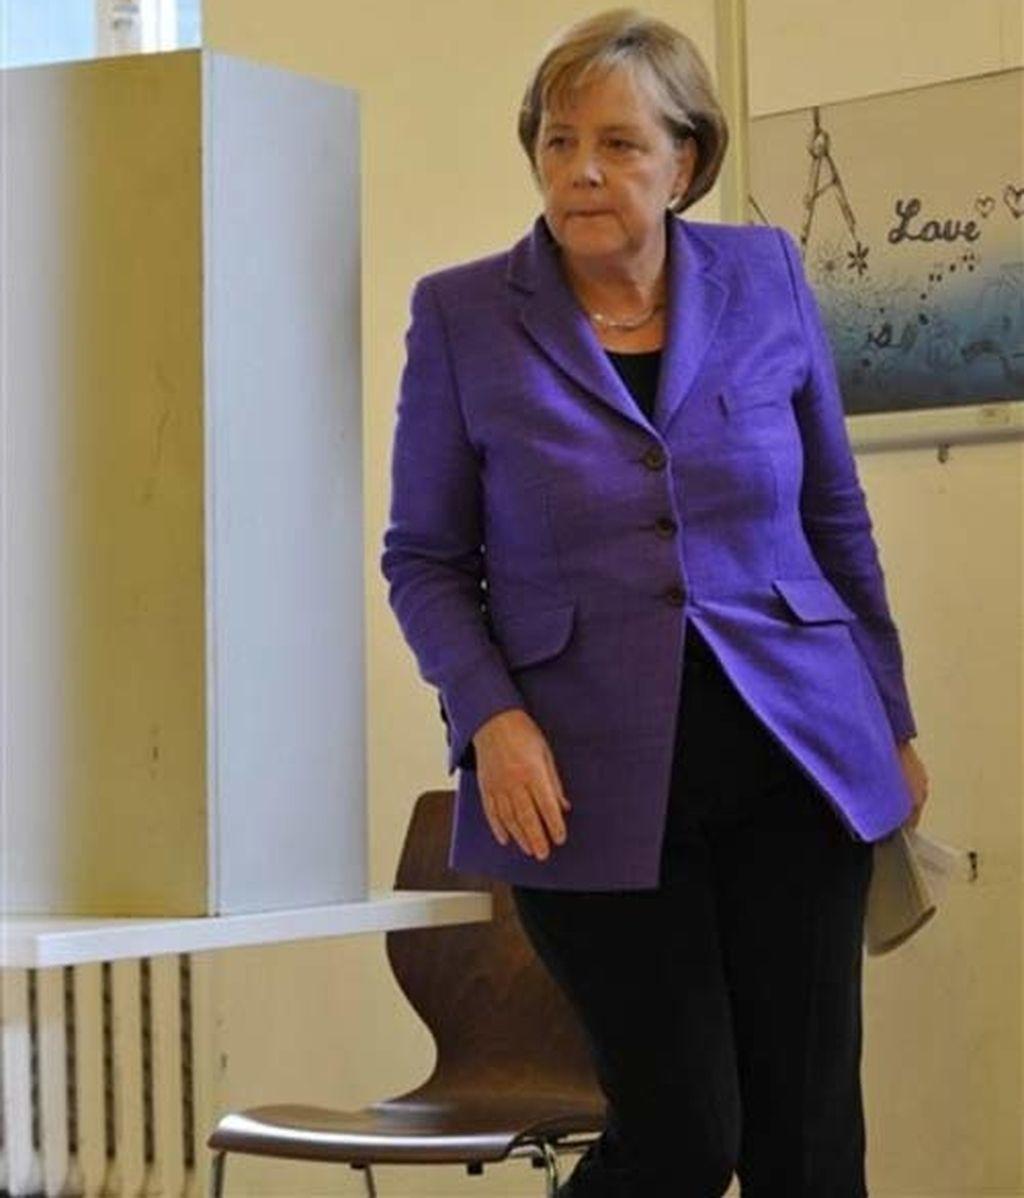 Doblete en Alemania: elecciones regionales y europeas